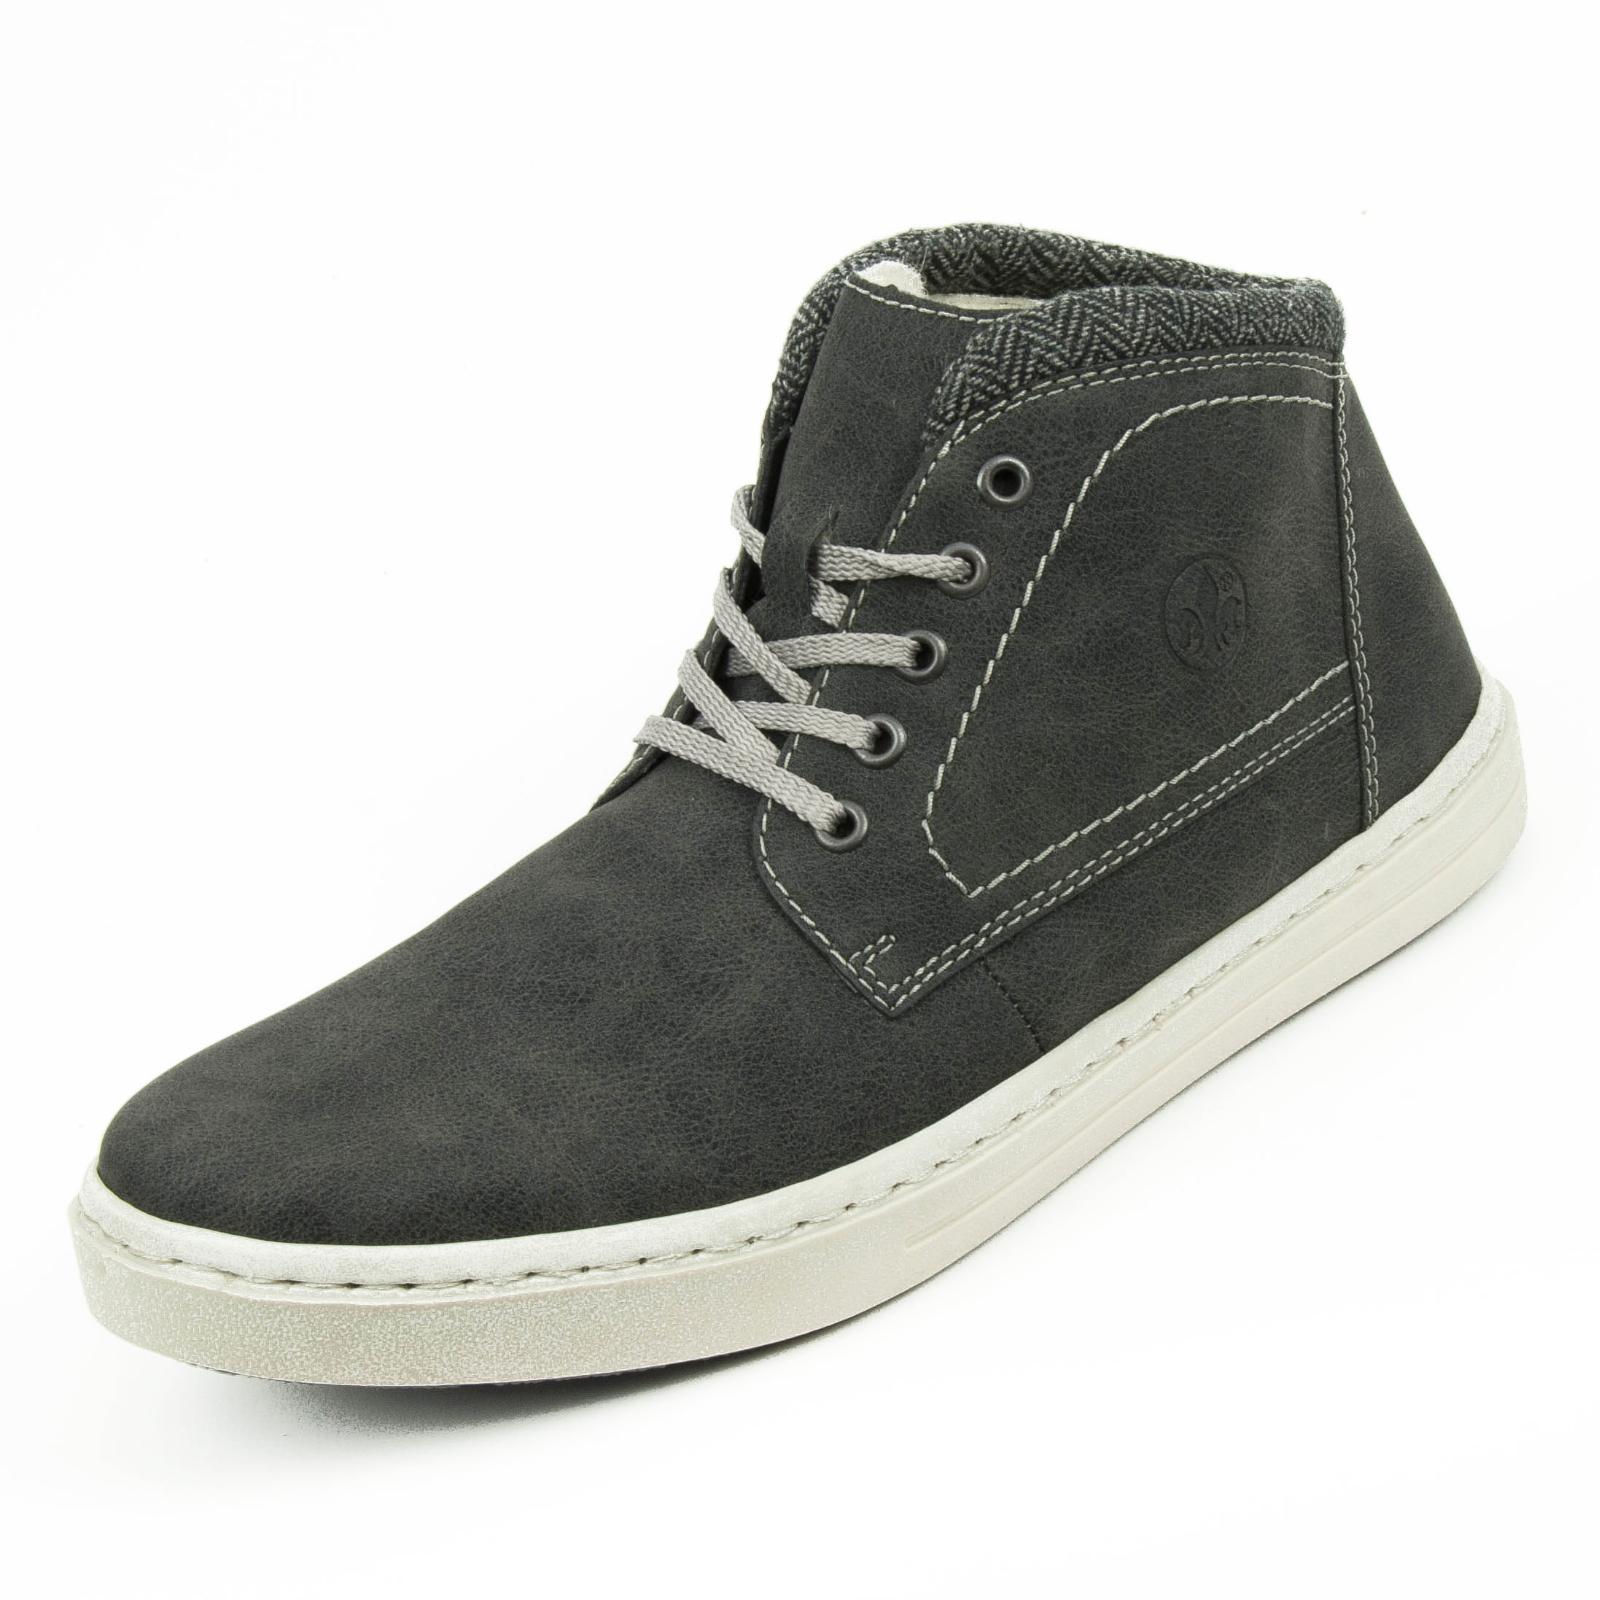 Rieker Herren Schnürschuhe Boots High Sneaker Warmfutter Grau 30932 ... 9d70857409